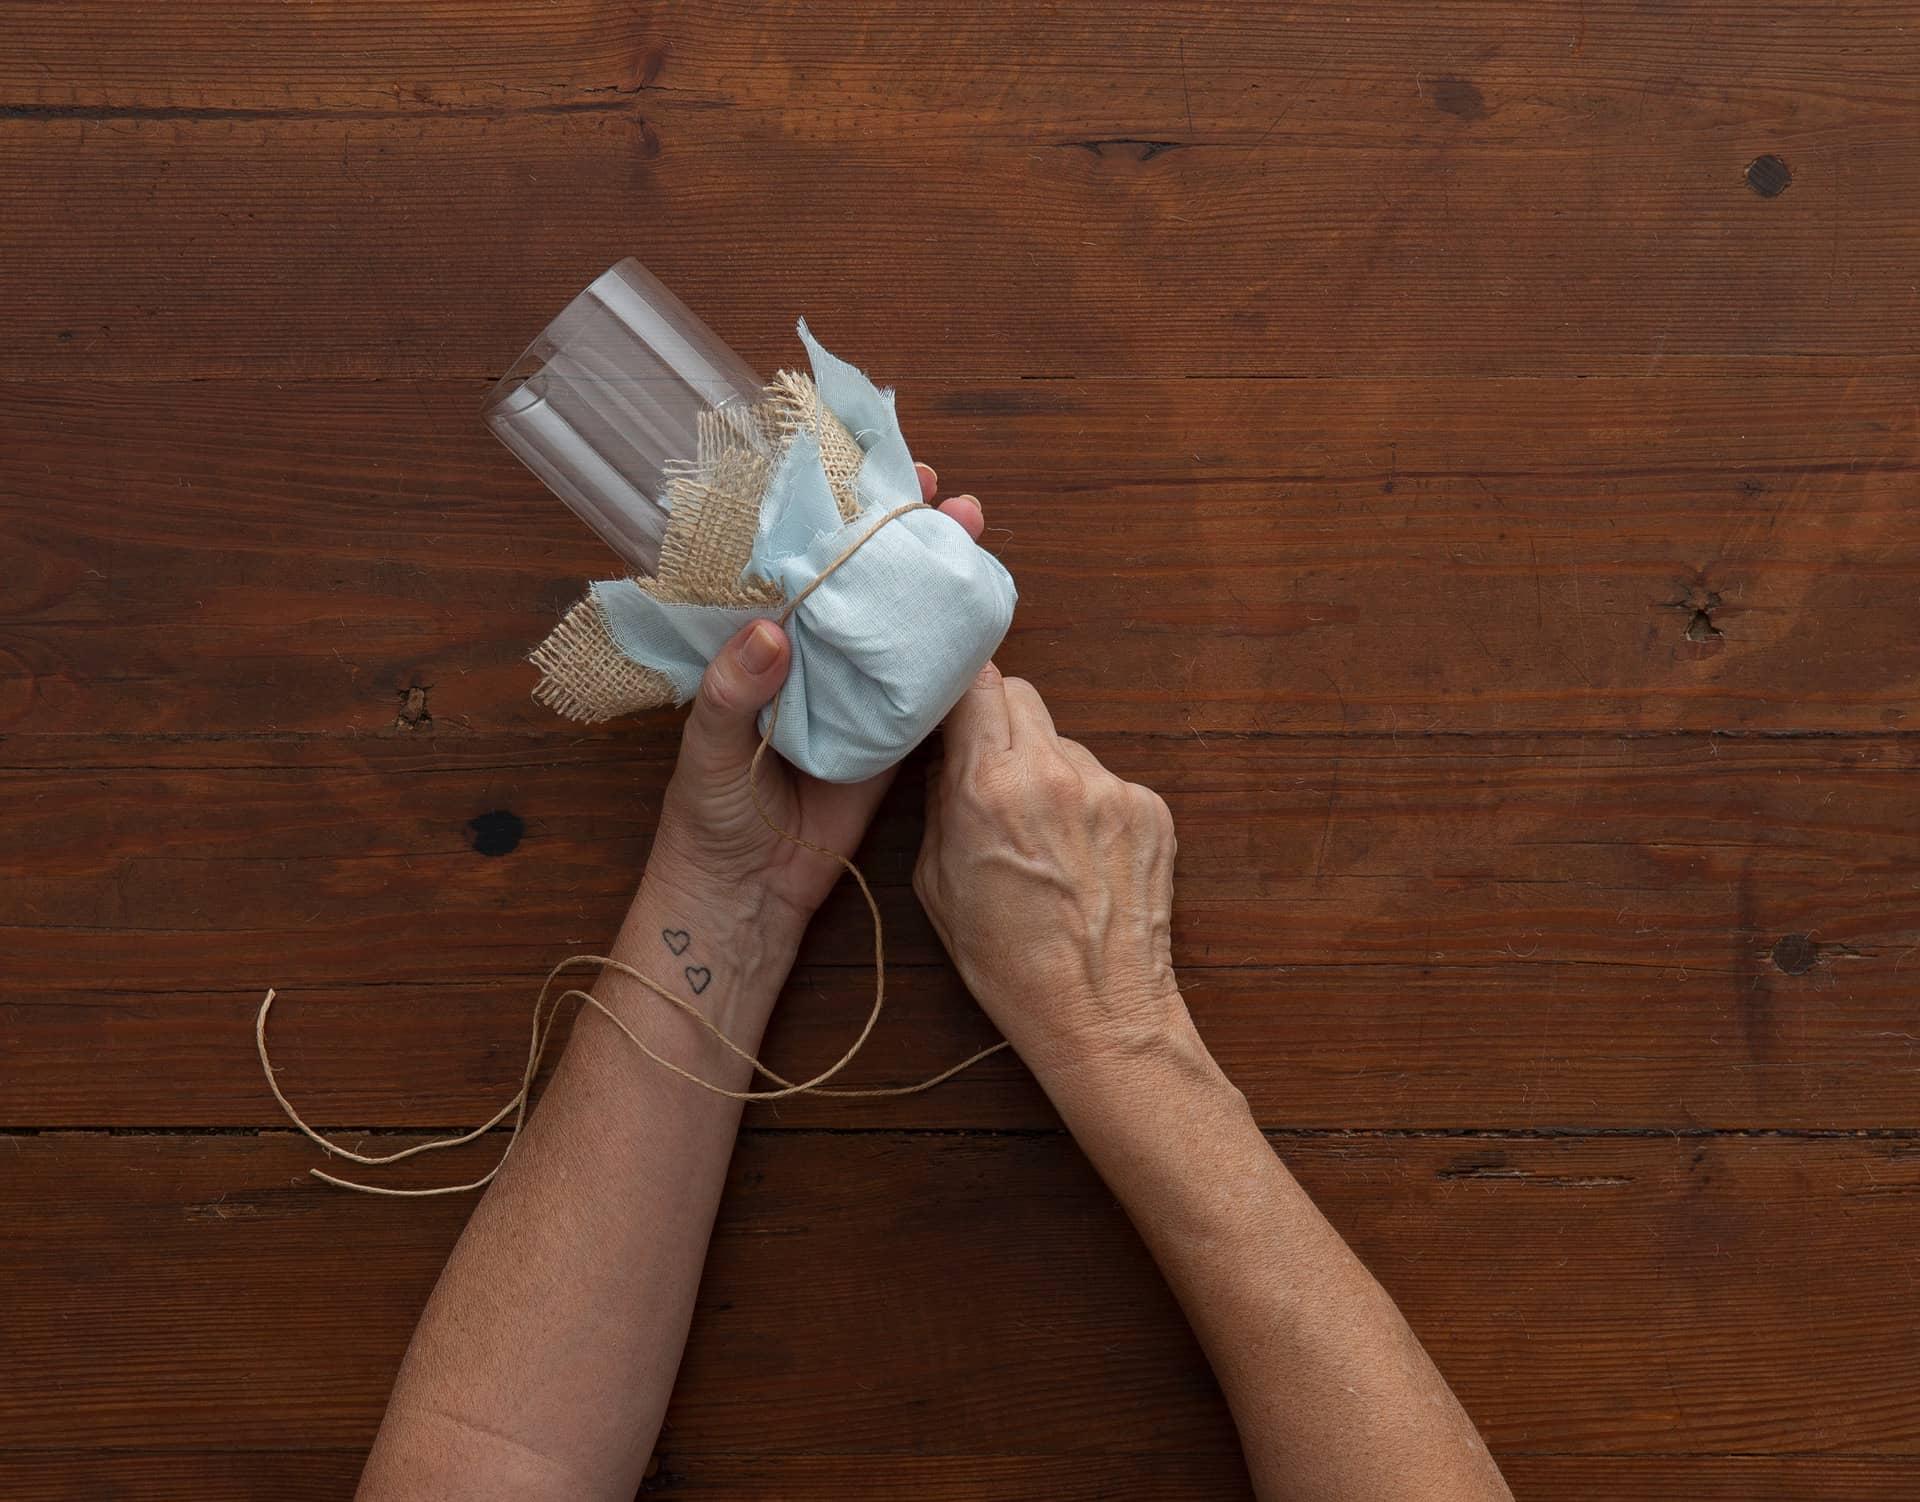 Imagem: Passo 5: amarre o tecido e a juta com o fio de rami. Foto: Cacá Bratke.